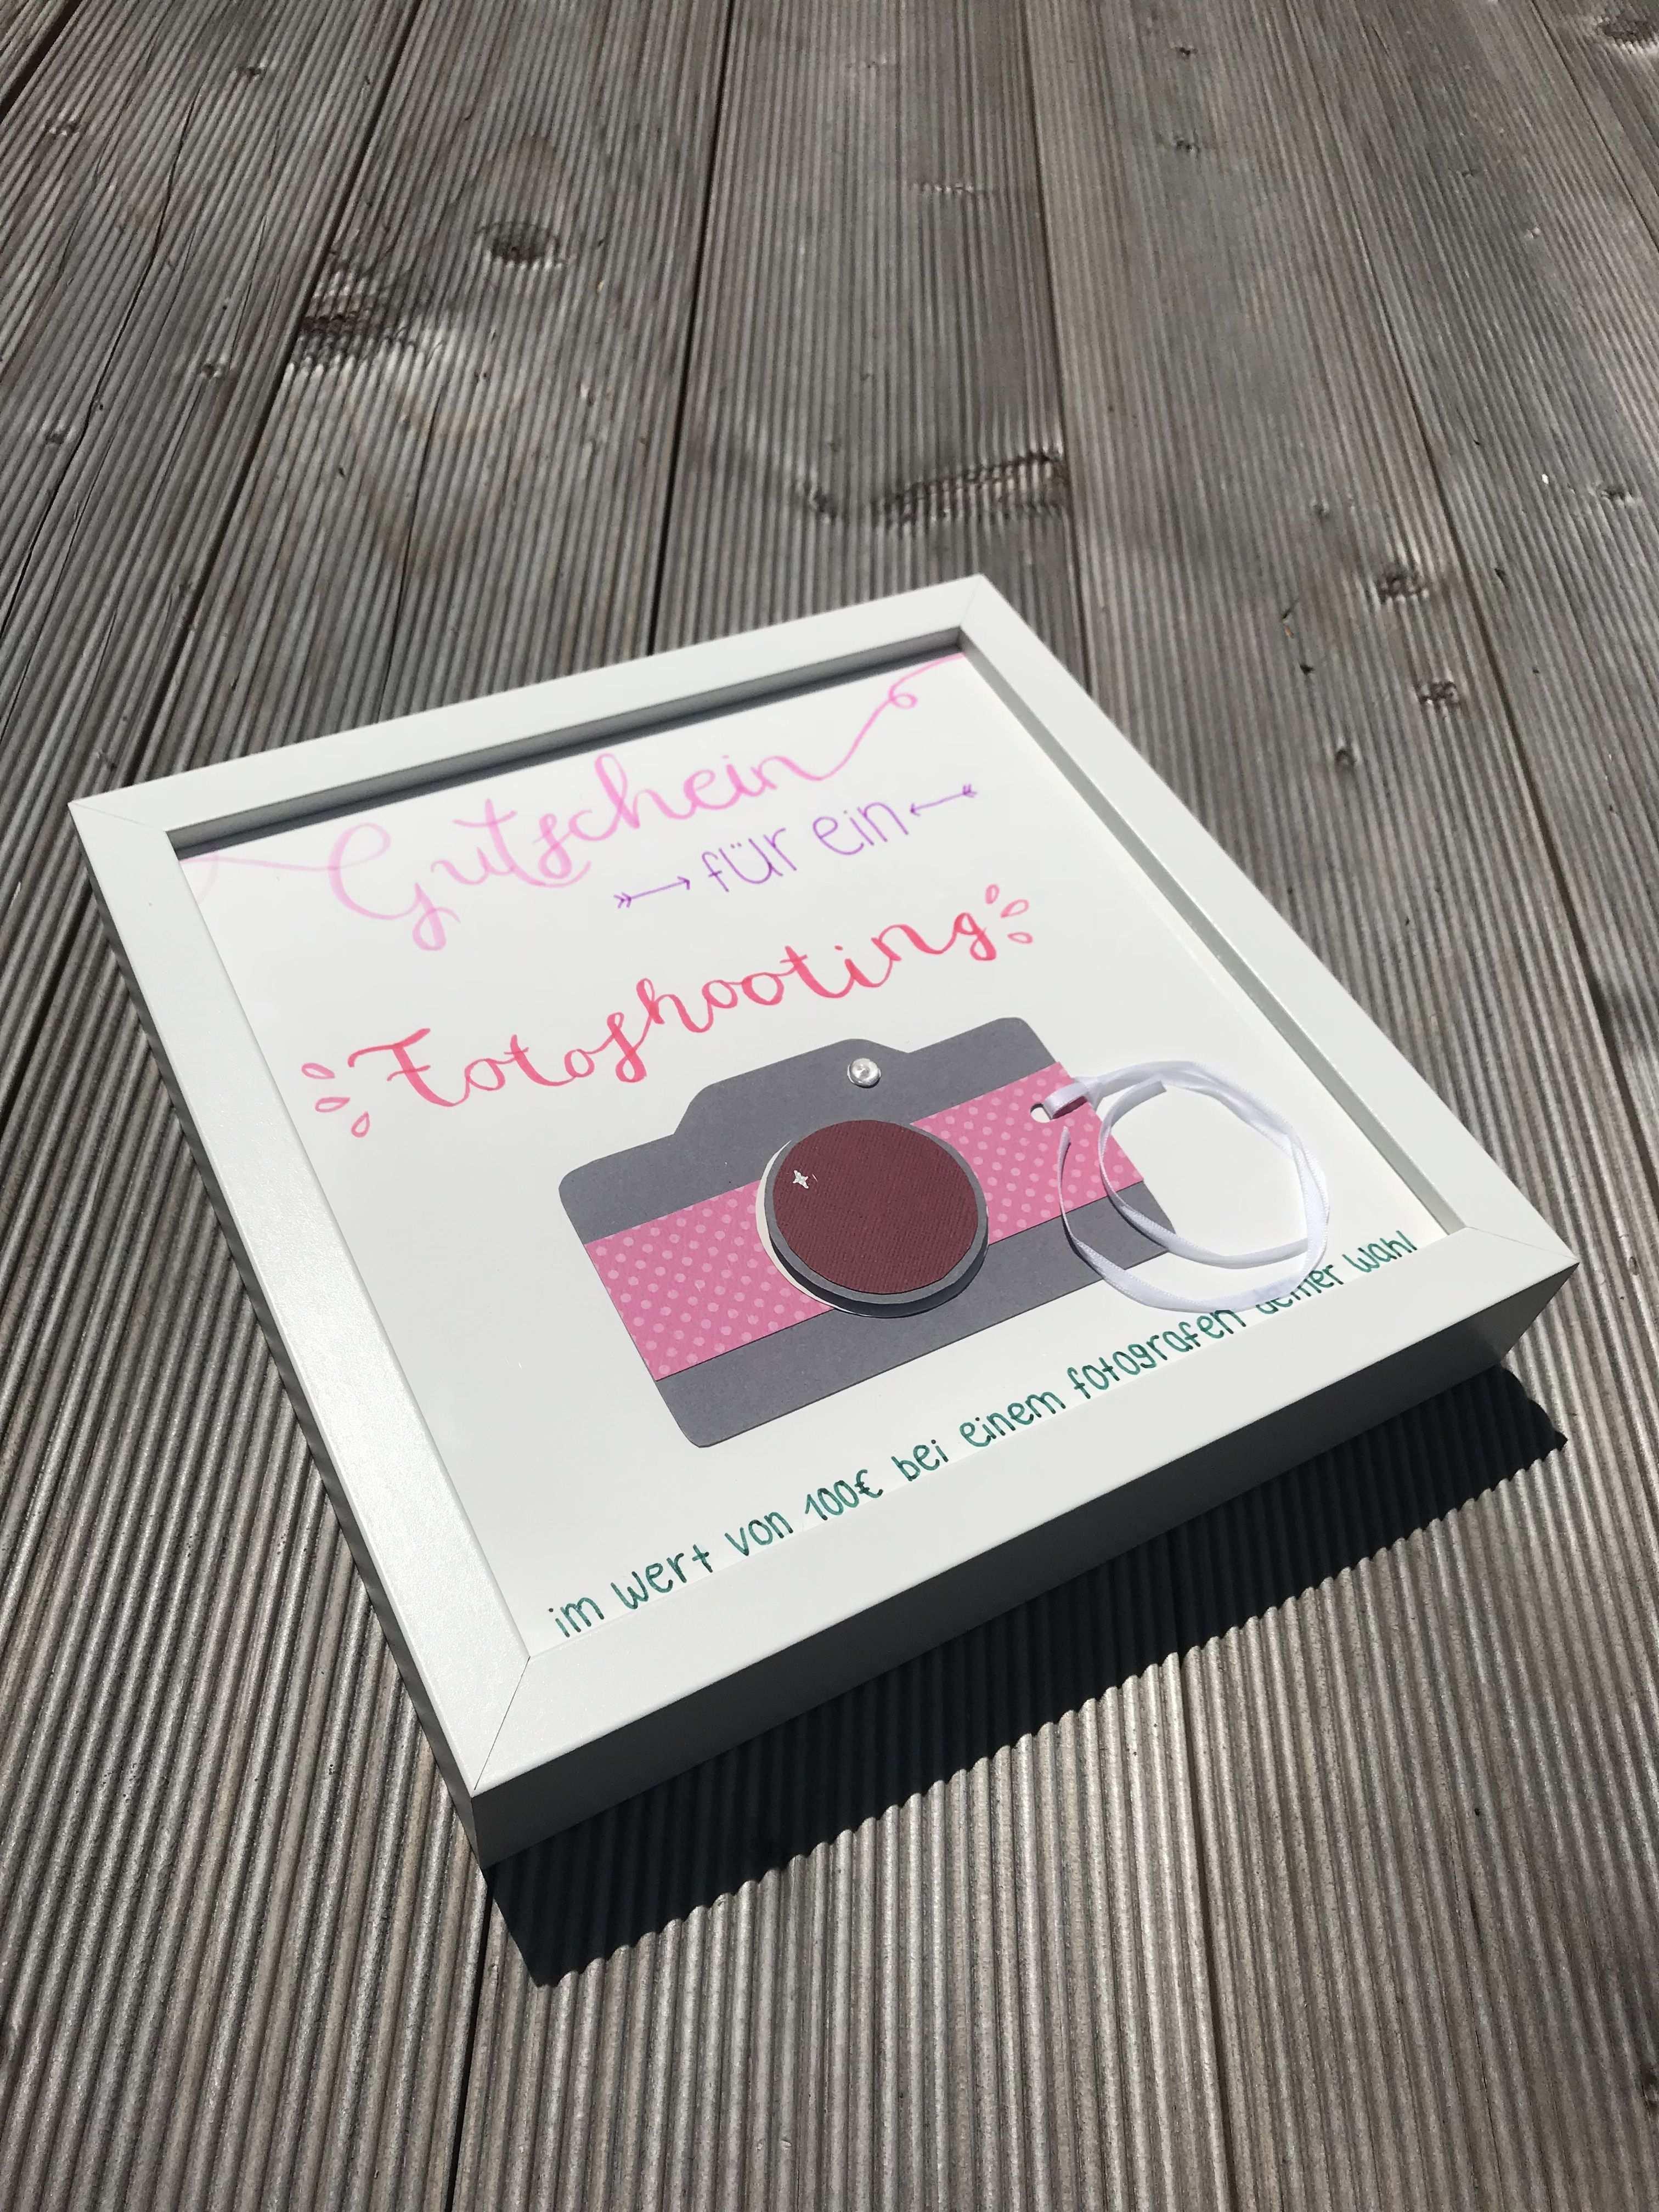 Diy Gutschein Fur Ein Fotoshooting Gutscheinverpacken Diy Gutschein Fur Ein Fotoshooting In 2020 Gutschein Basteln Gutschein Fotoshooting Geschenke